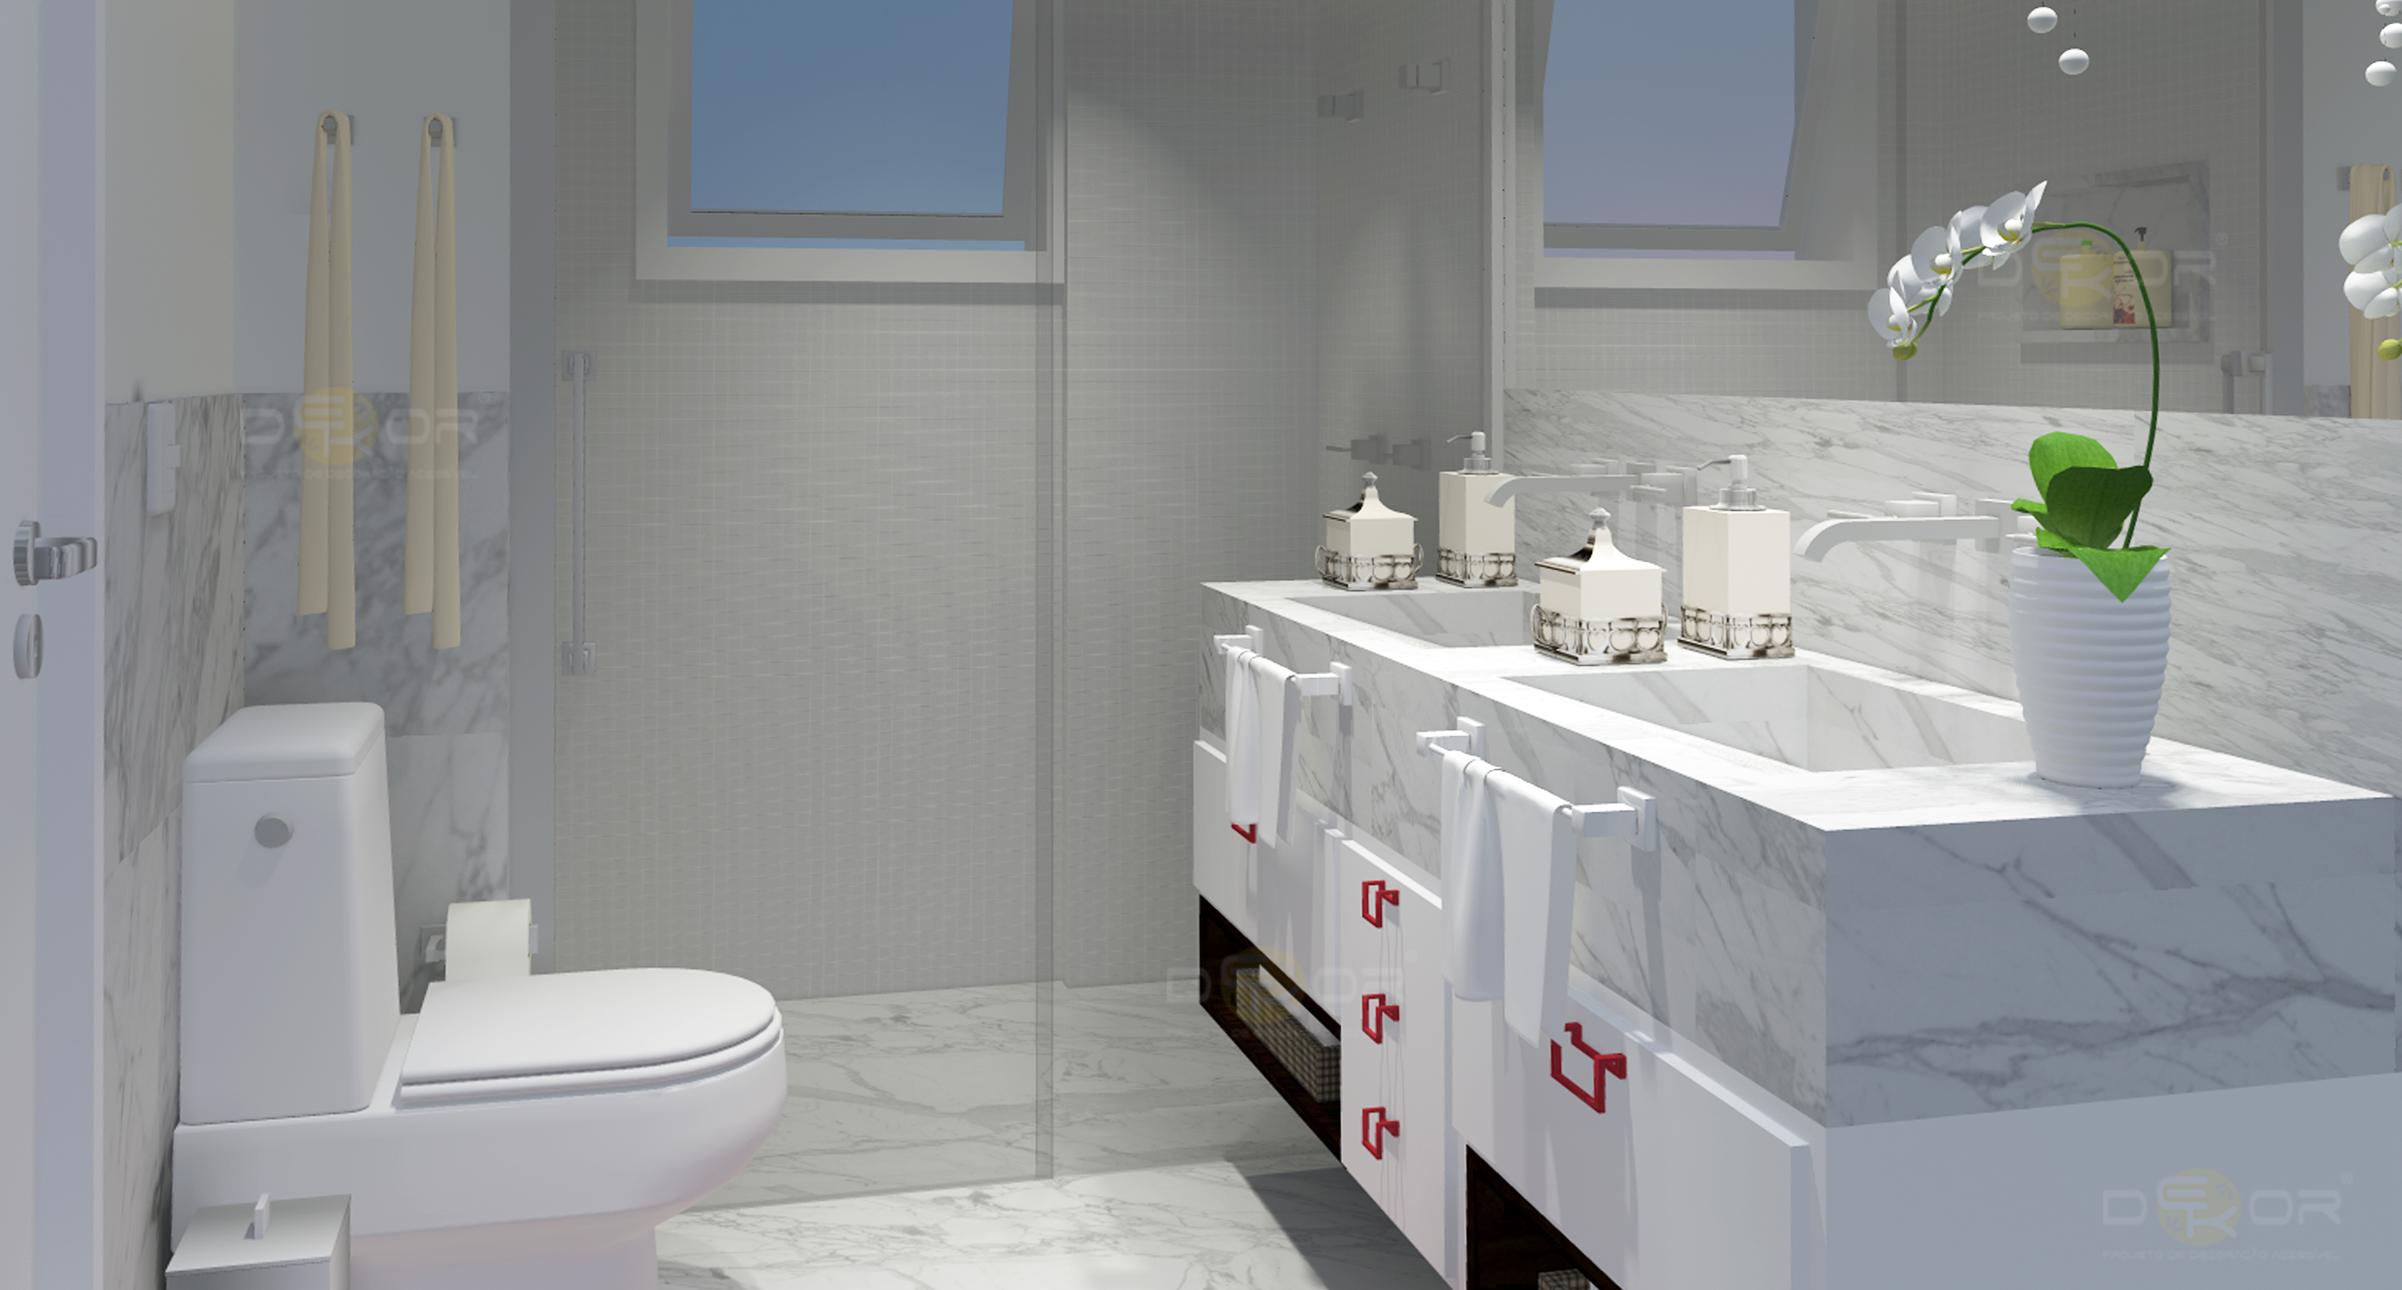 05/03/2014 2402 × 1290 Projeto de Banheiro – Decoração Online #19 #773538 2402 1290